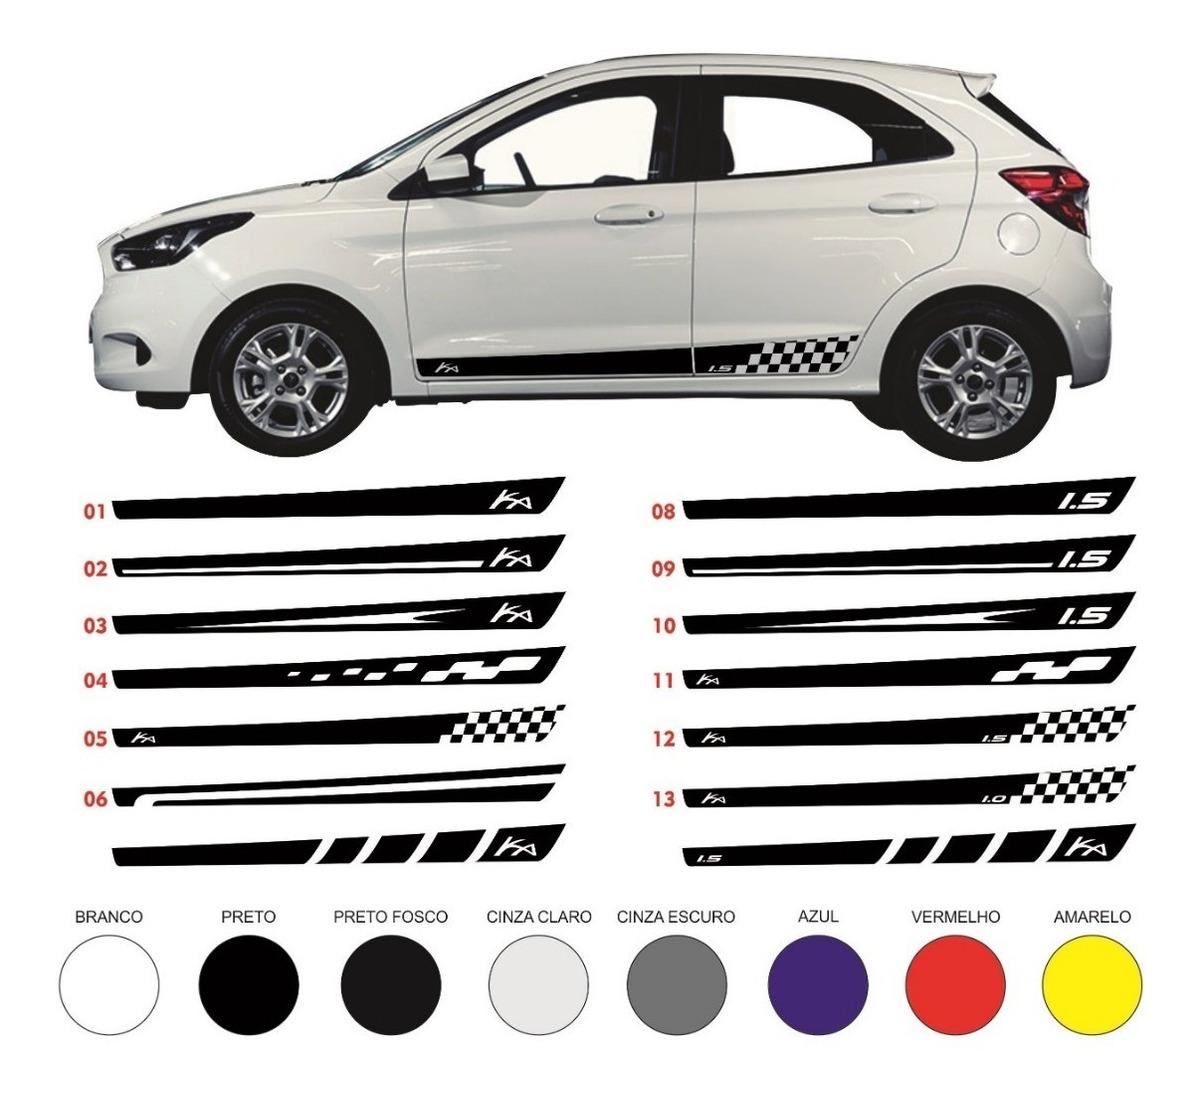 Acessorios Adesivos Faixas Laterais Novo Ford Ka Hatch Sedan R 40 00 Em Mercado Livre